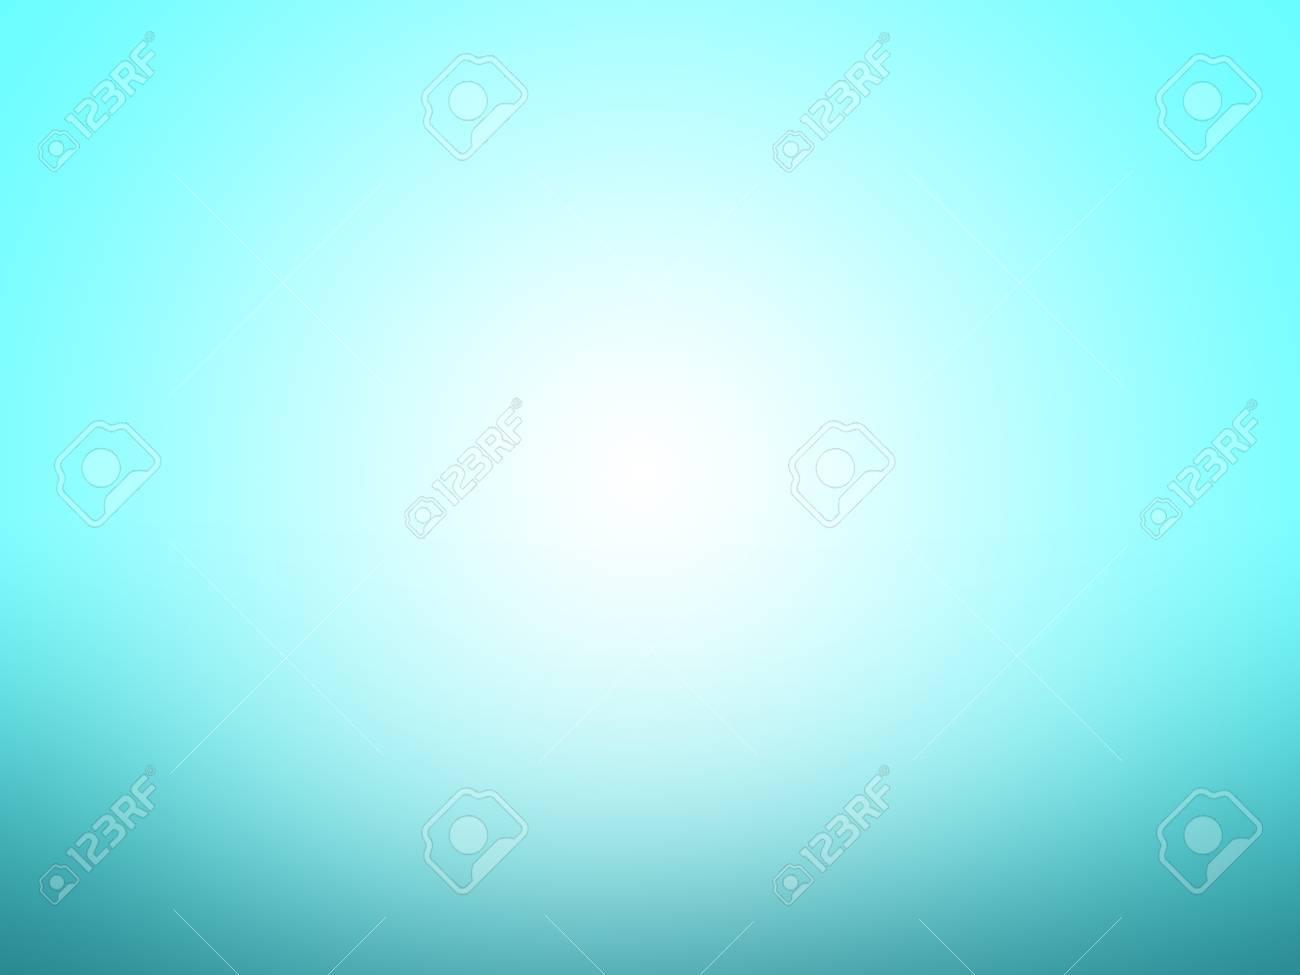 ブルー グラデーションの壁紙 の写真素材 画像素材 Image 51246083